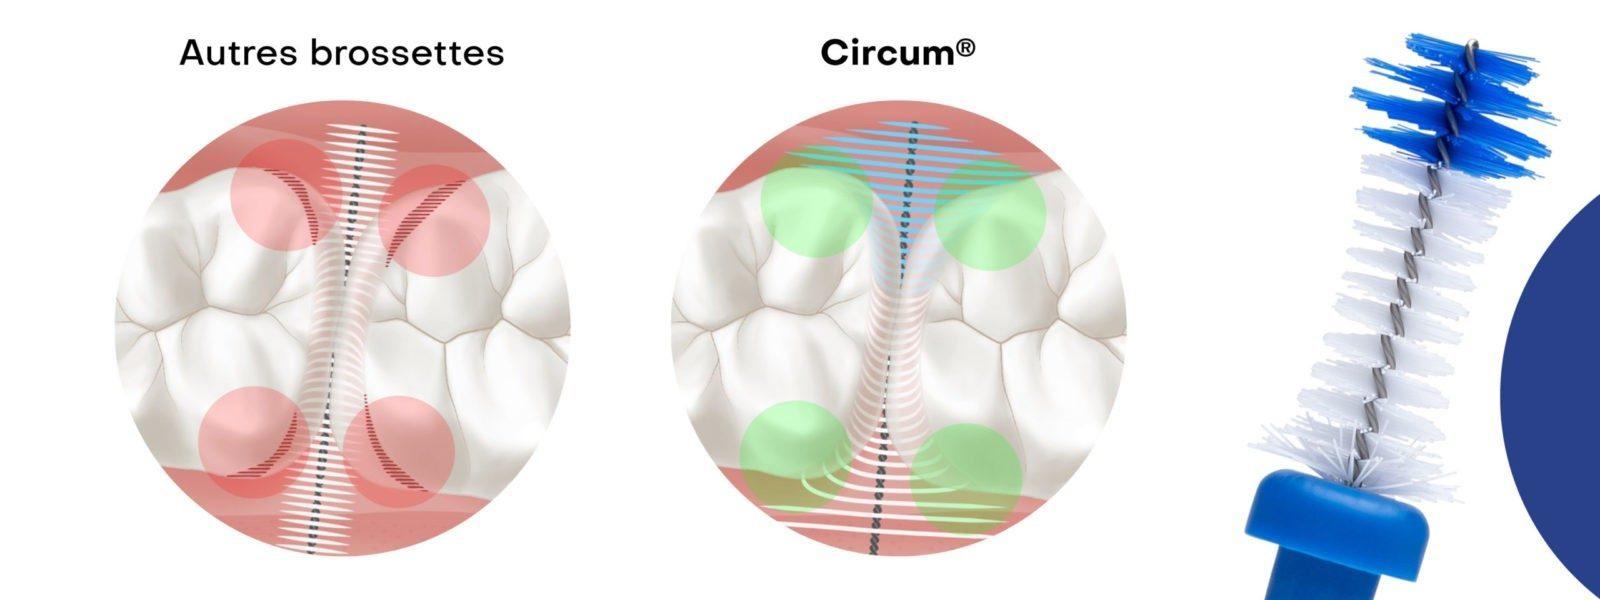 Avantages des brossettes interdentaires Circum par rapport aux autres disponibles sur le marché de l'hygiène bucco-dentaire.